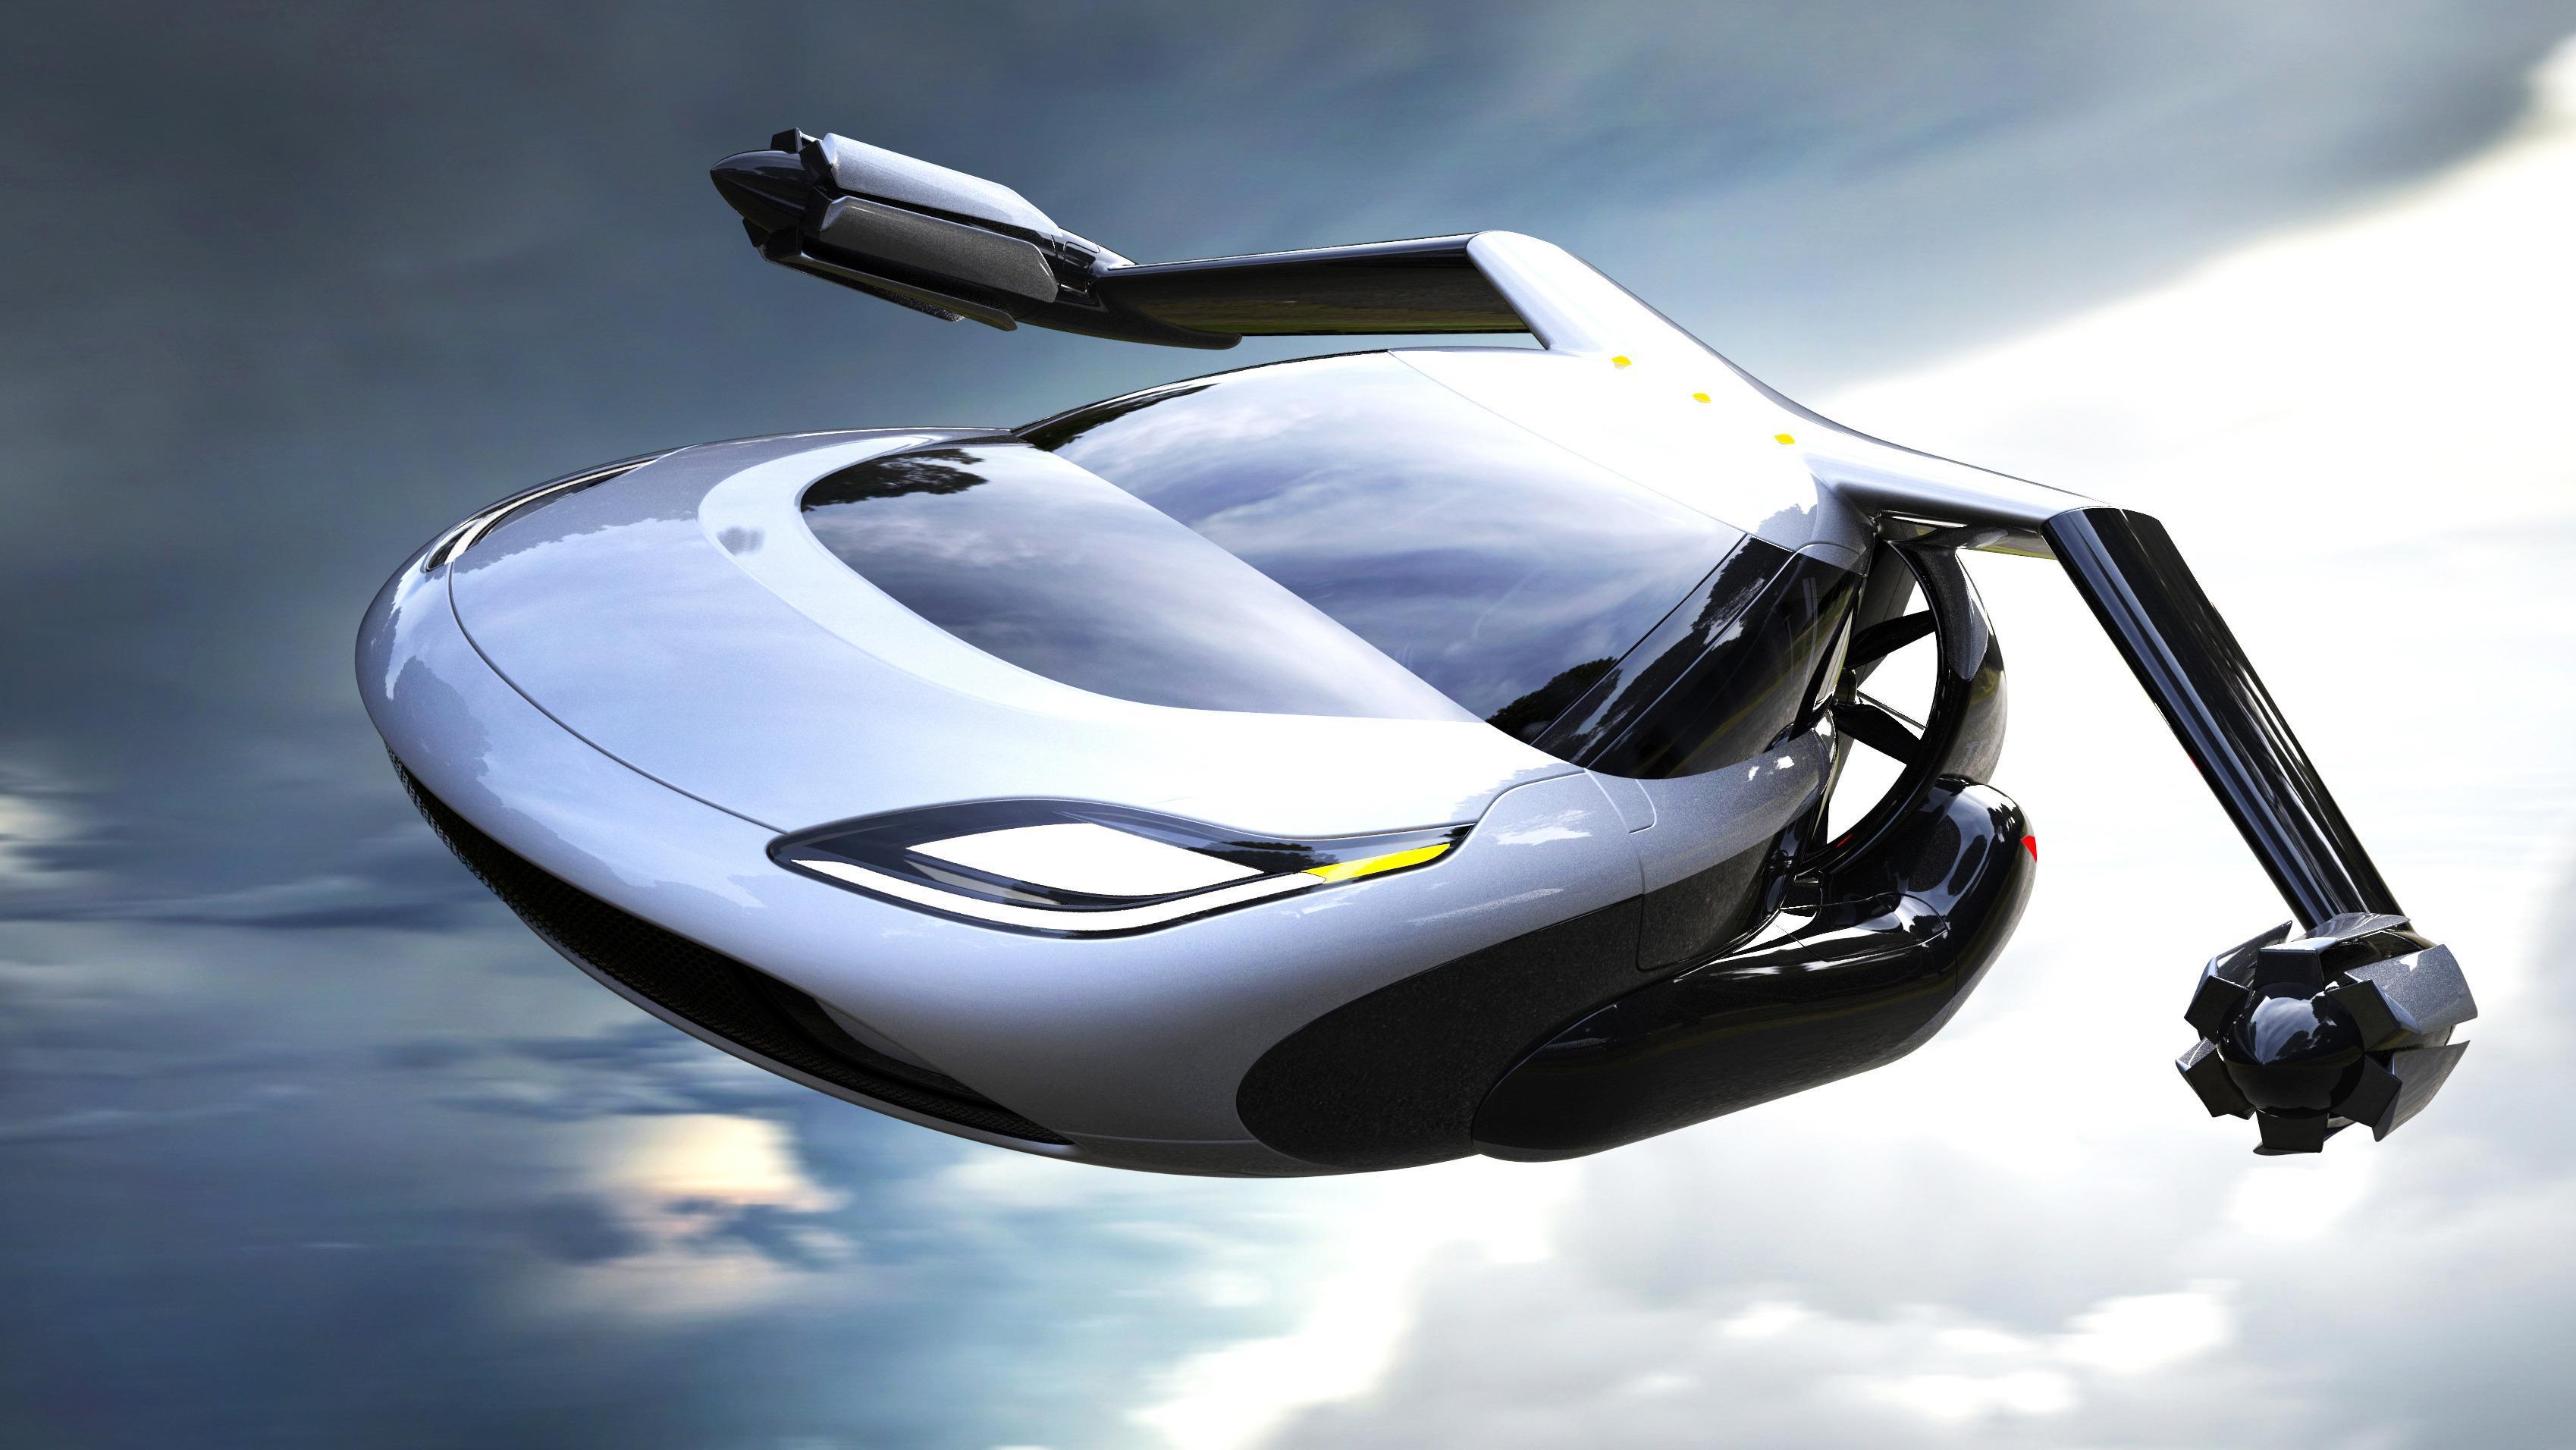 Vi har sett flere prototyper på flyvende biler tidligere, for eksempel denne modellen fra det amerikanske selskapet Terrafugia.